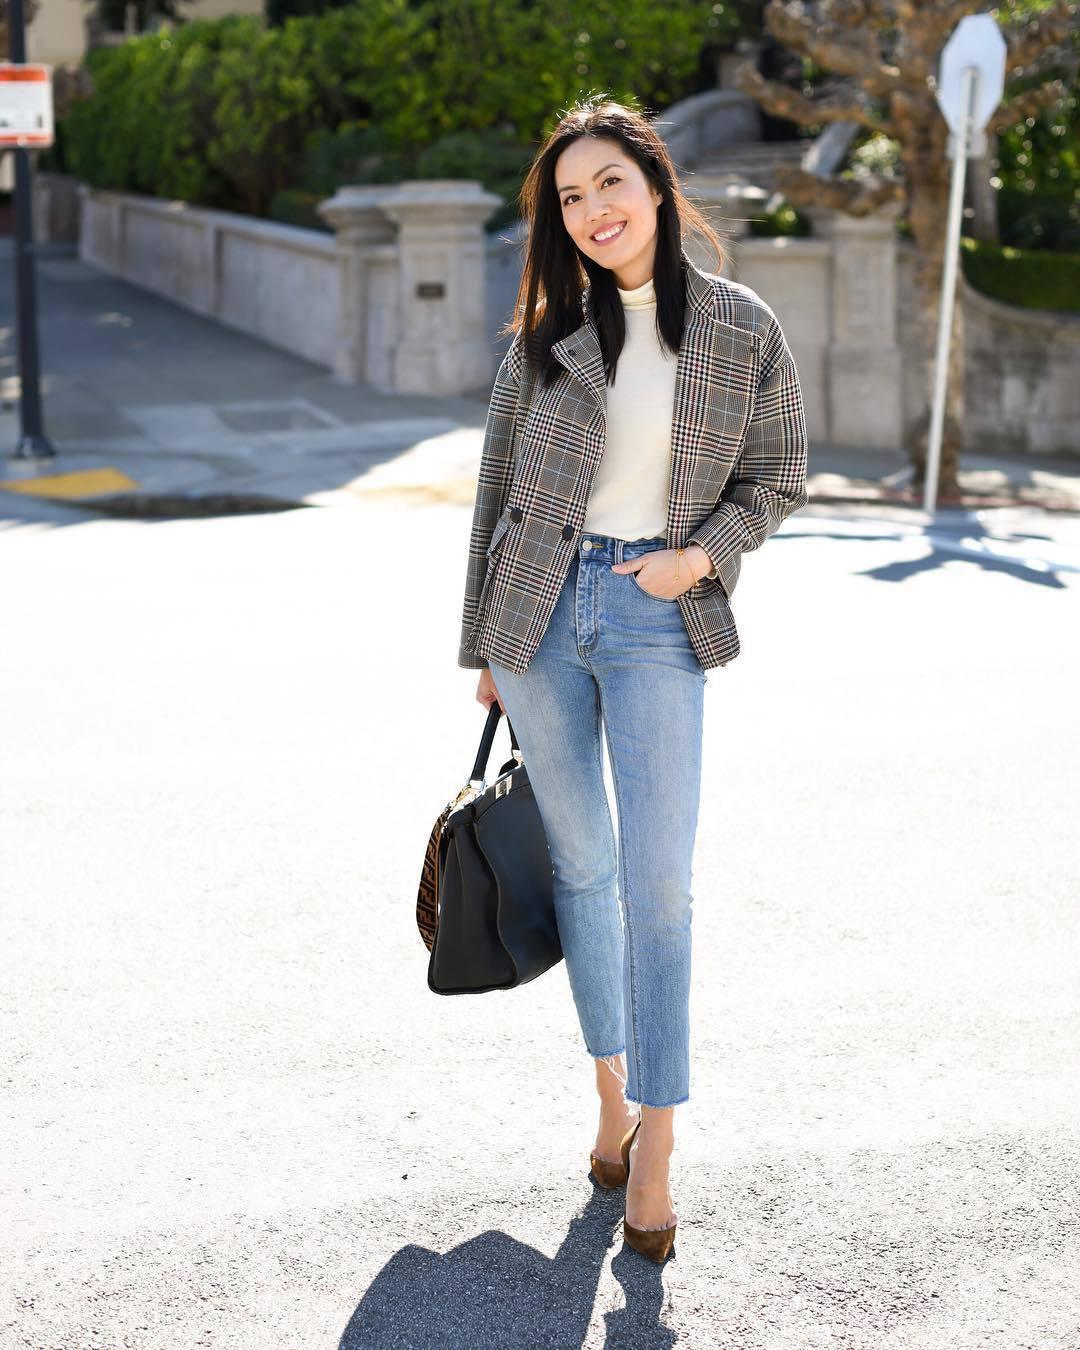 shoes pumps saint laurent cropped jeans skinny jeans high waisted jeans plaid grey coat turtleneck shoulder bag brown bag